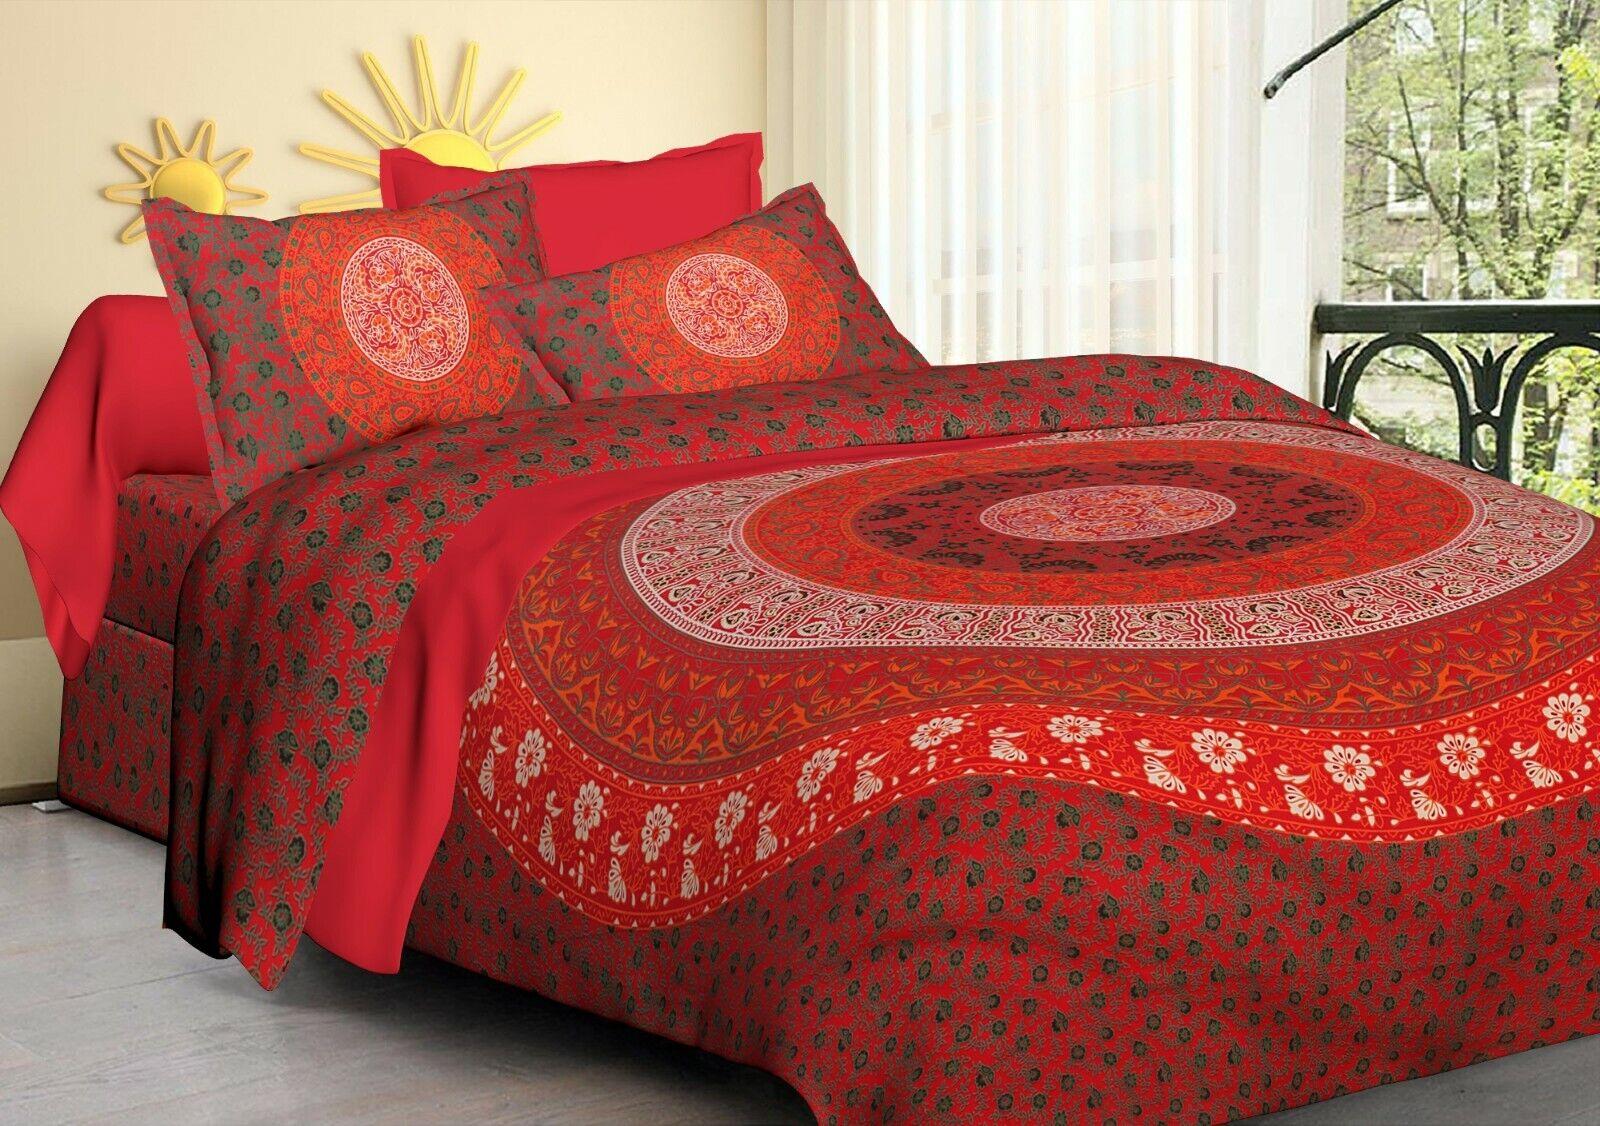 Indian Red Multi color Floral mandala Tapestry King Bedding Bedspread Dorm Decor